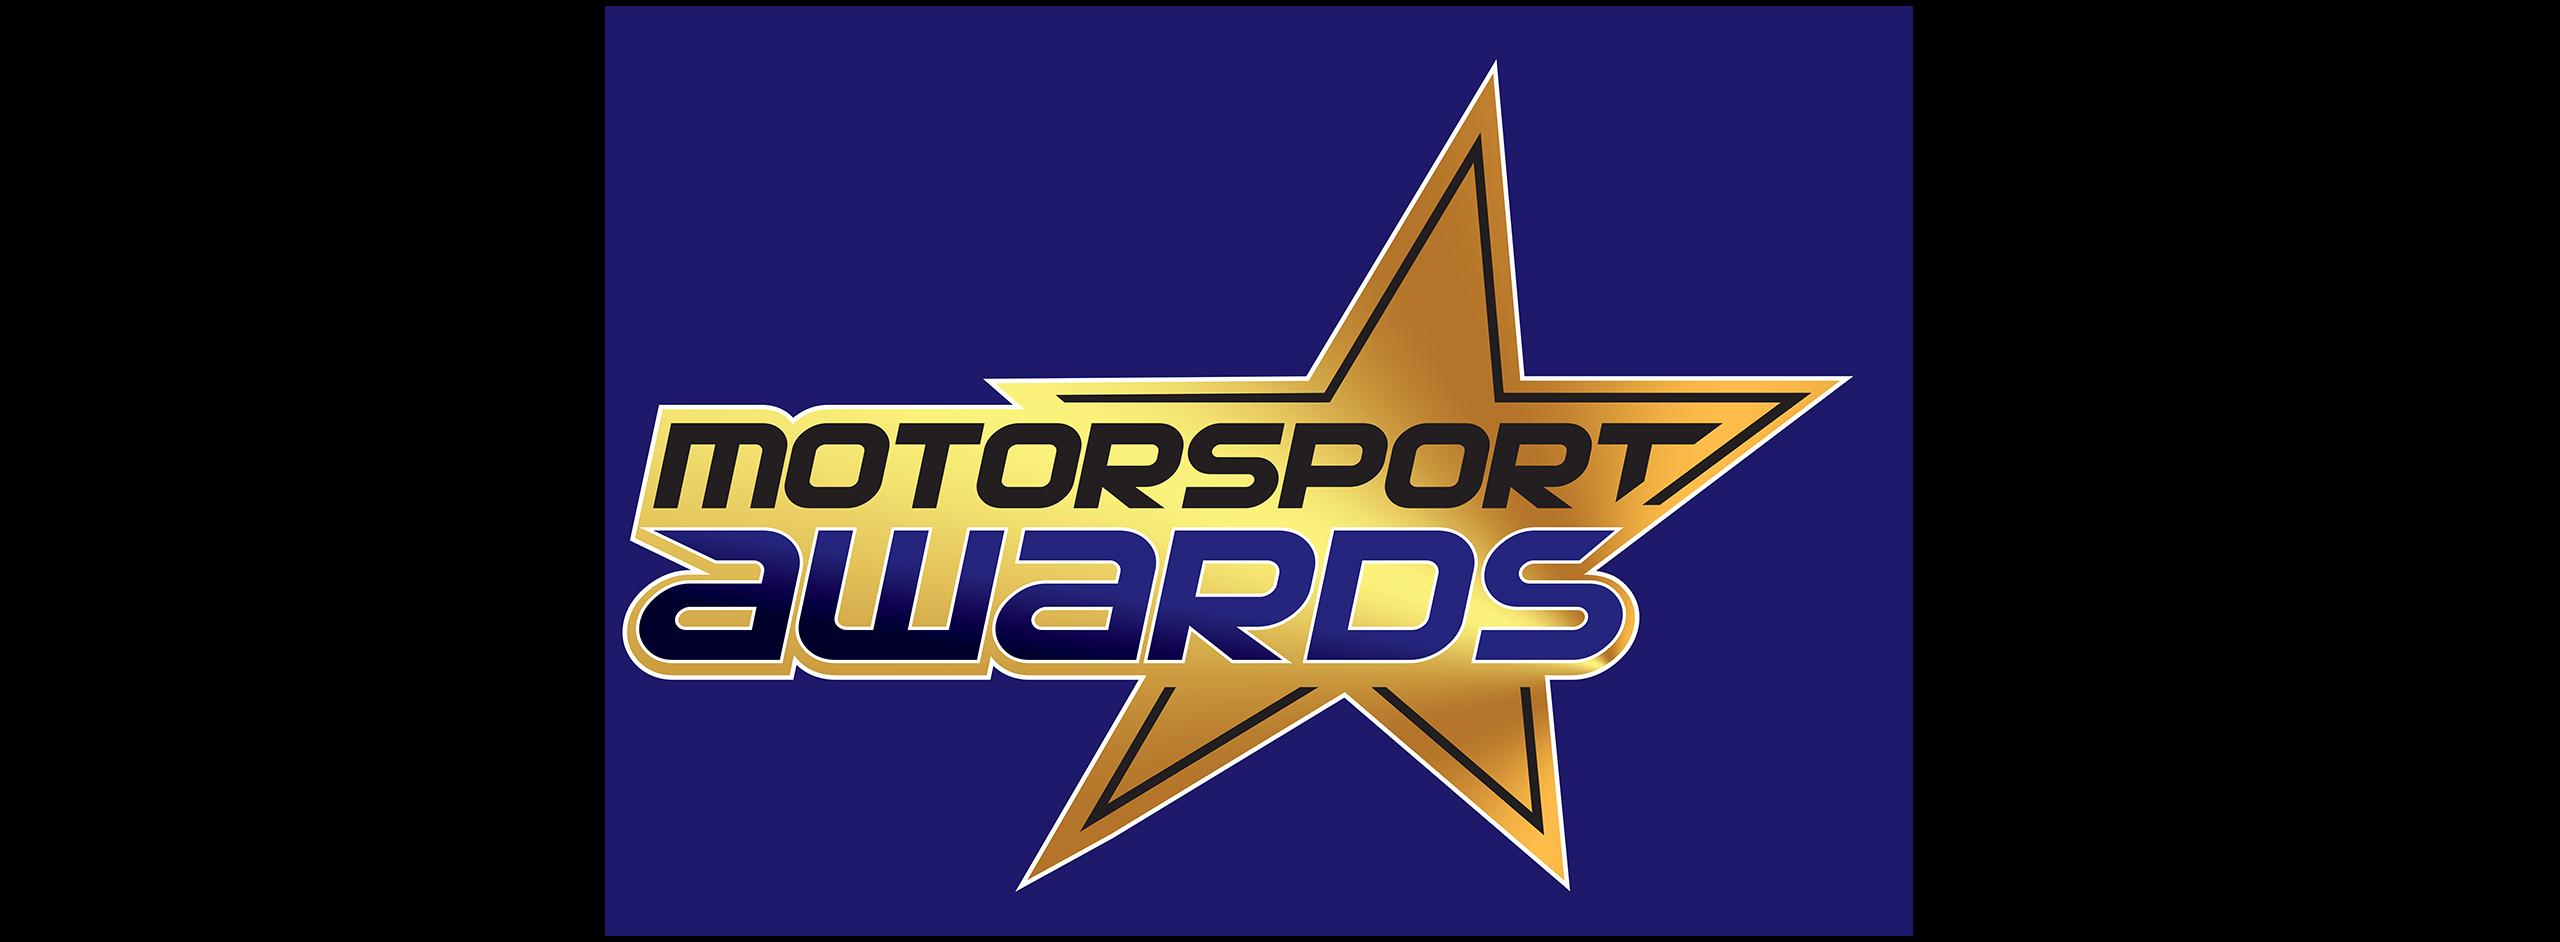 http://motorsport.media/wp-content/uploads/2019/01/awards-1.png